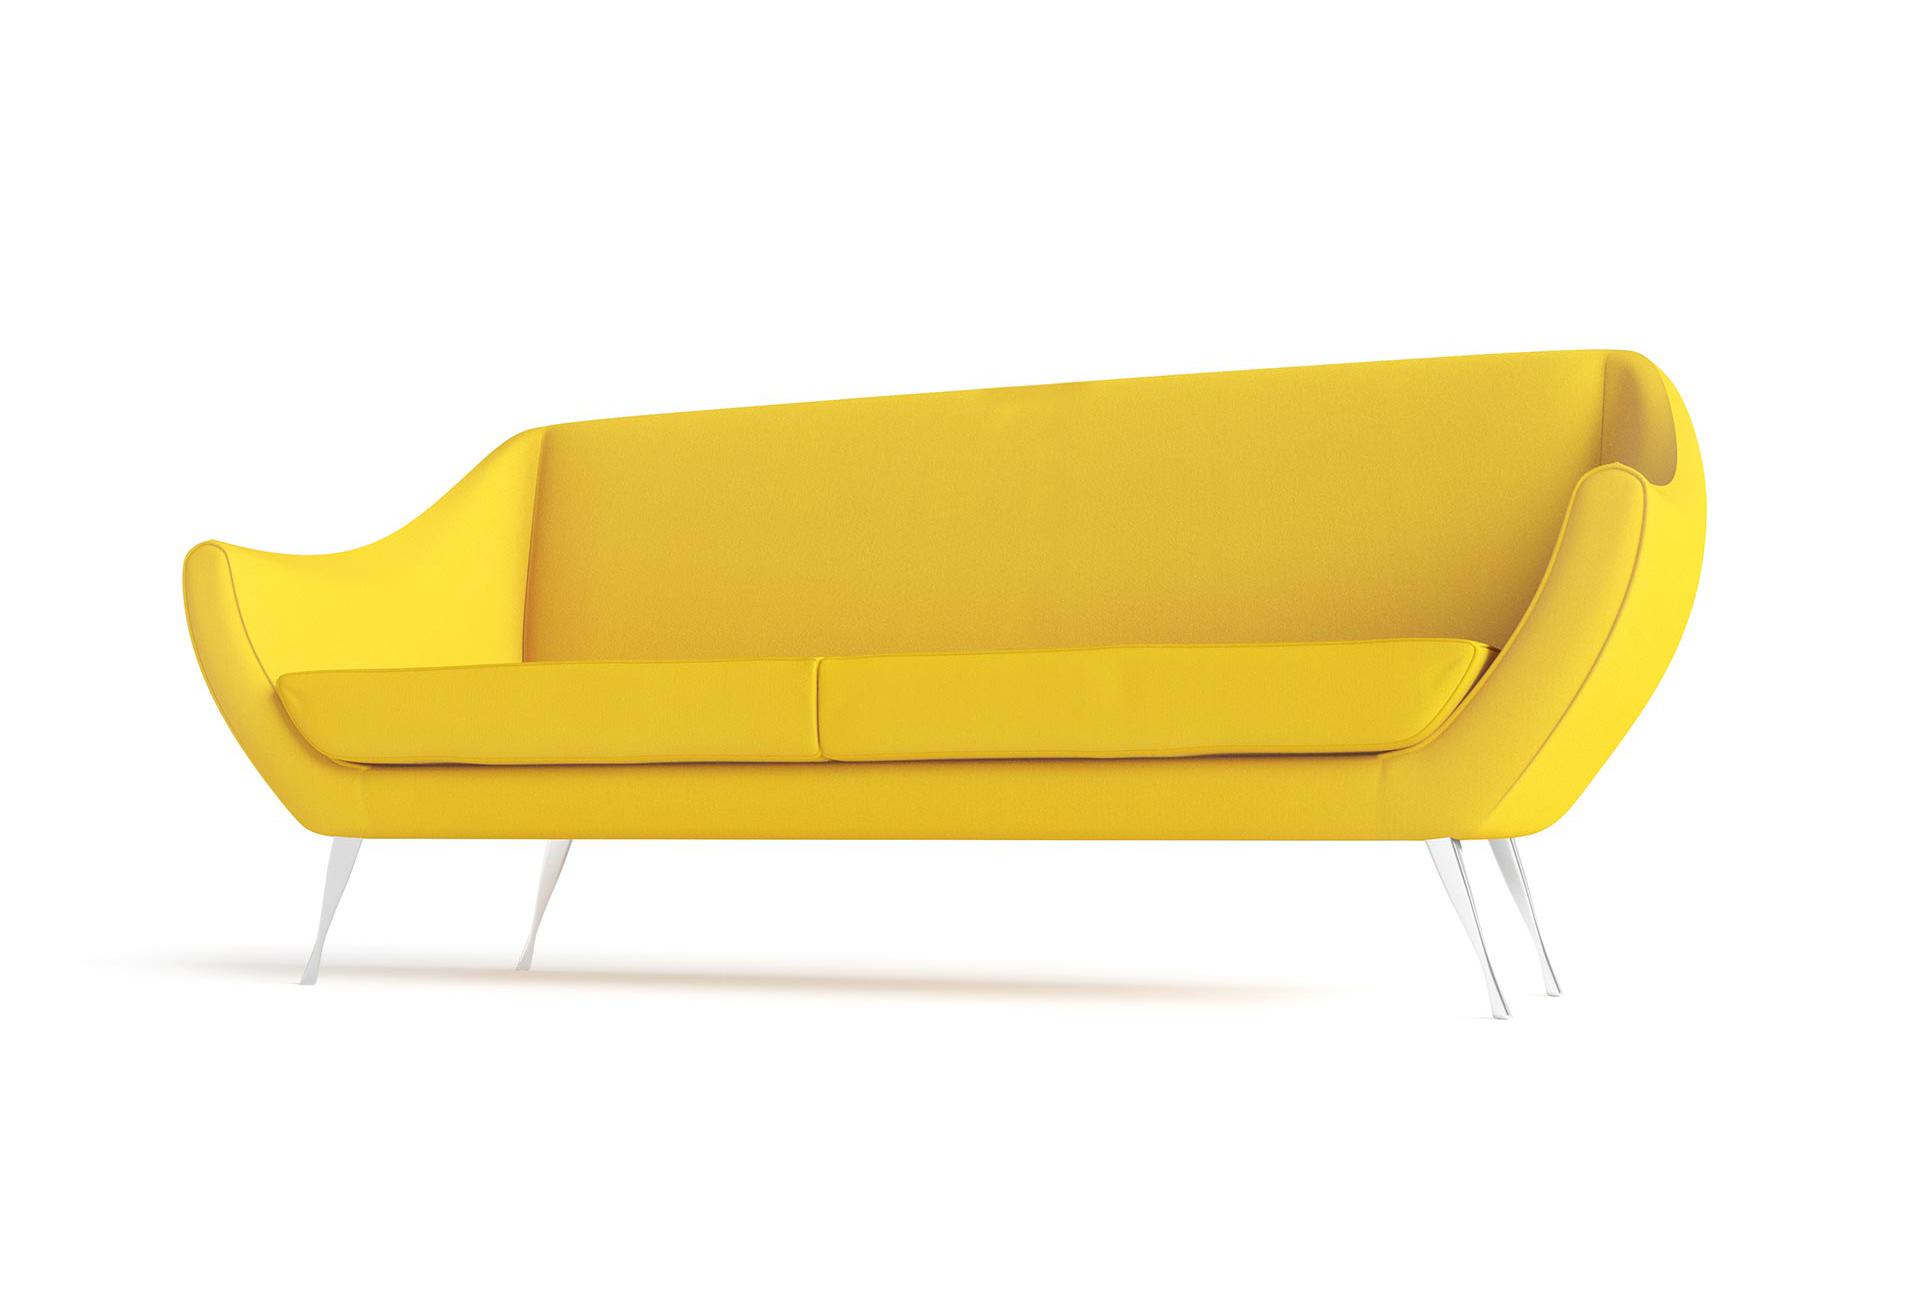 Rita Large Sofa Hero Furniture Rendering Yellow